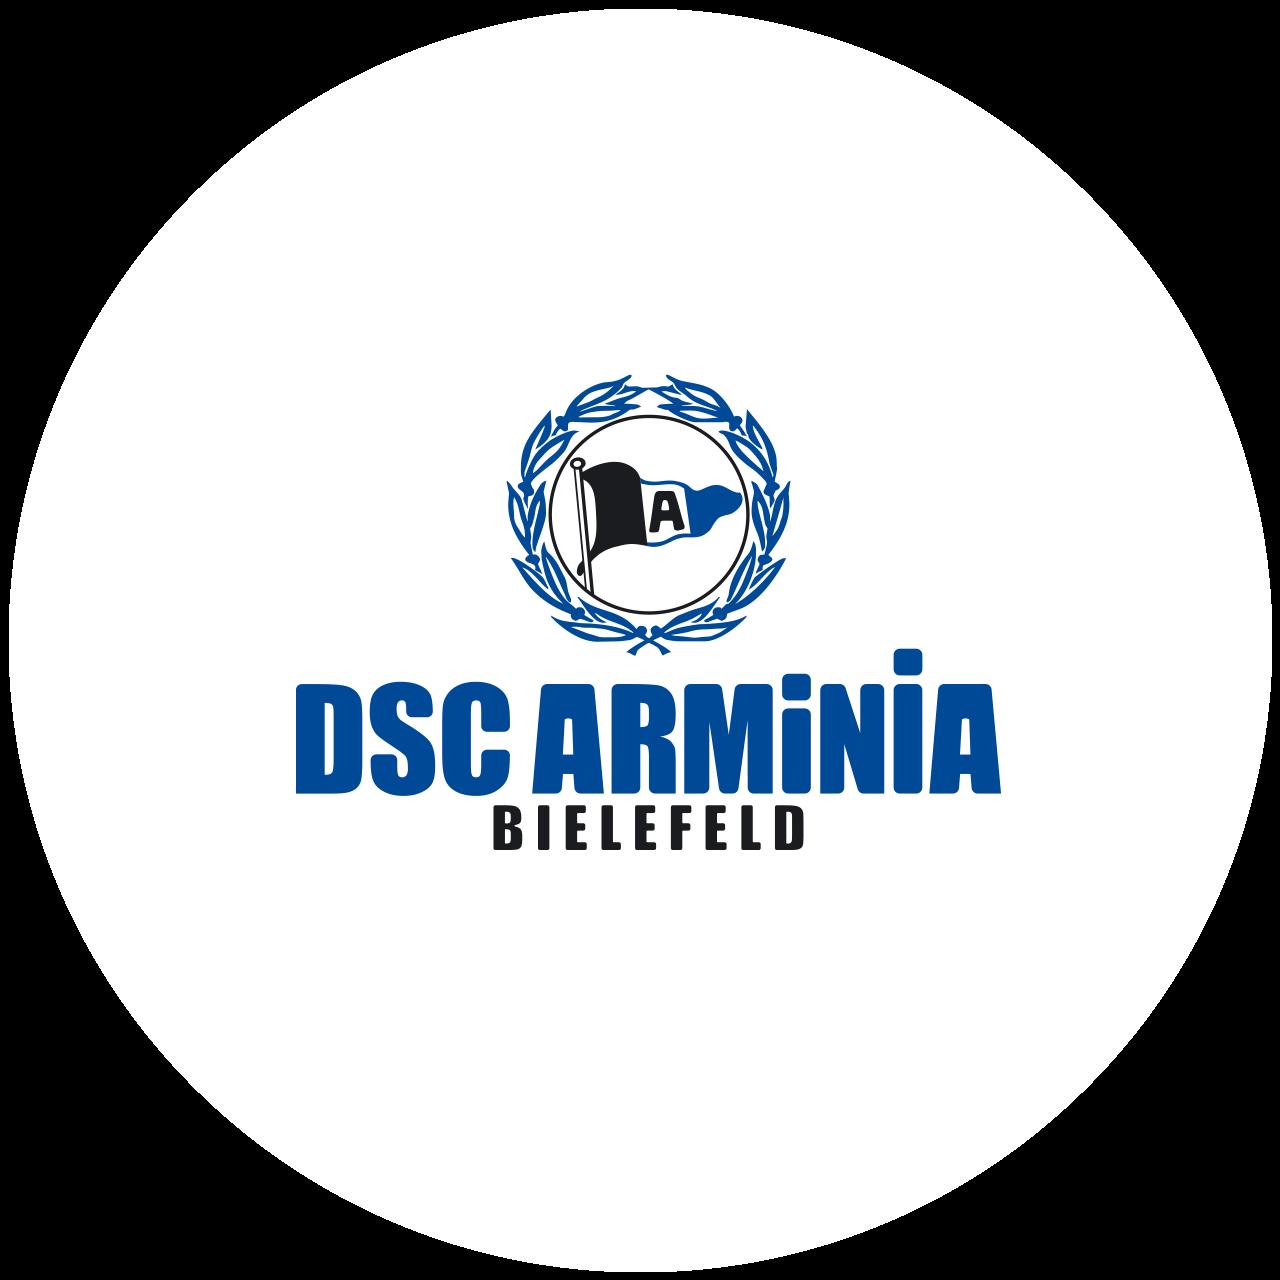 Arminia-Bielefeld-Brand-Identity